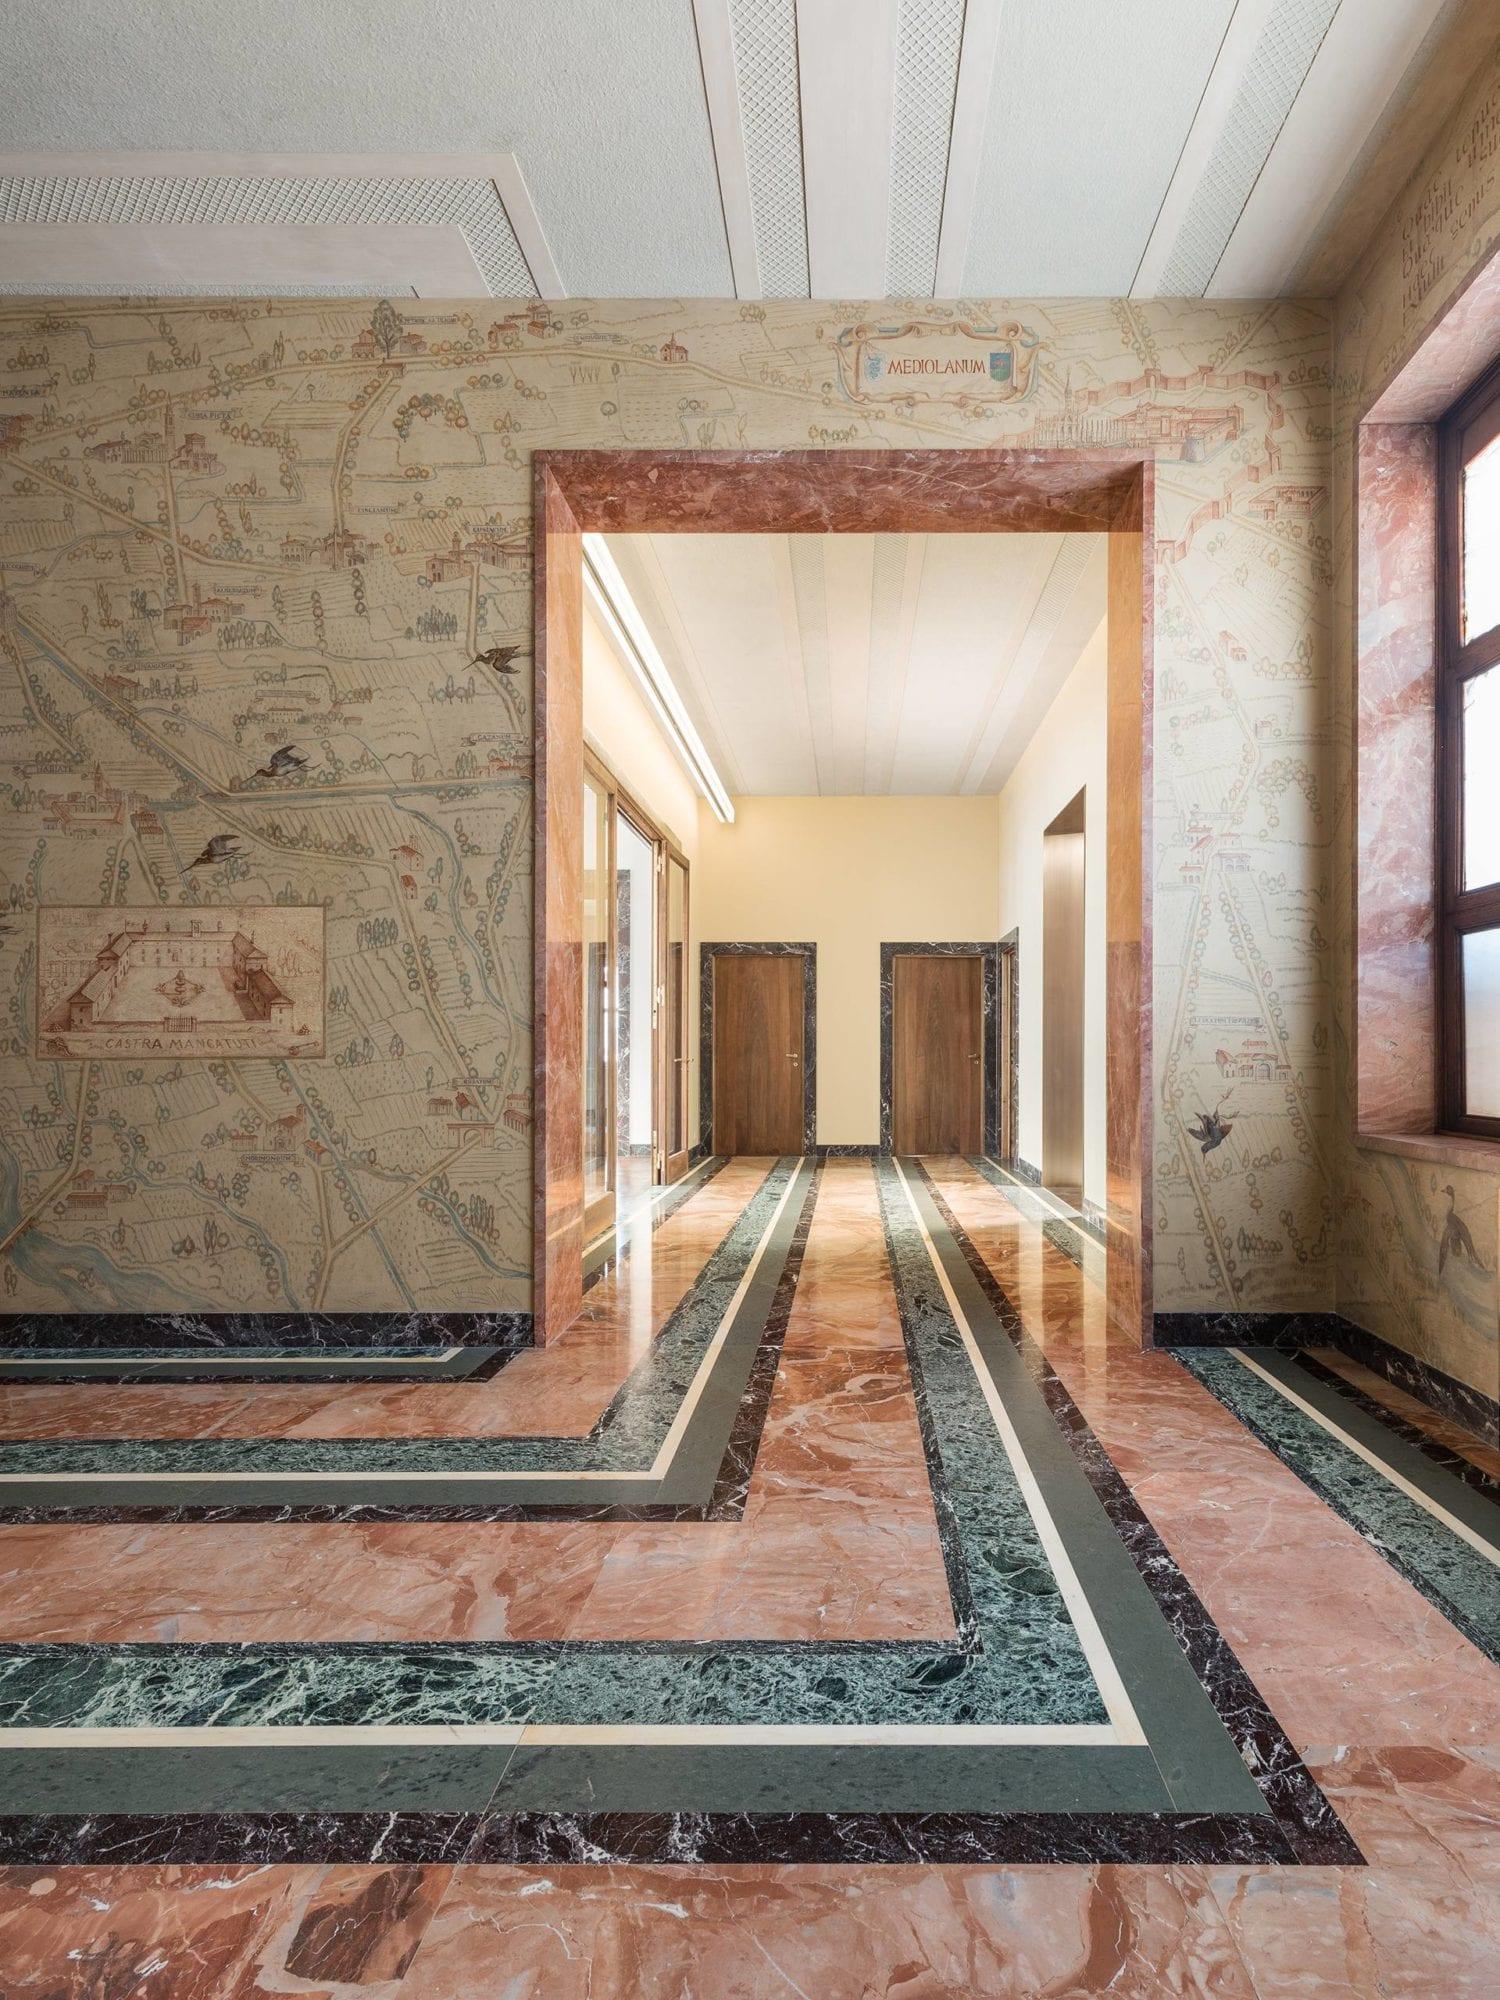 1930s Piero Portaluppi Milan Apartment Transformed Into Massimo De Carlo Gallery By Studio Binocle And Antonio Citterio Yellowtrace 02